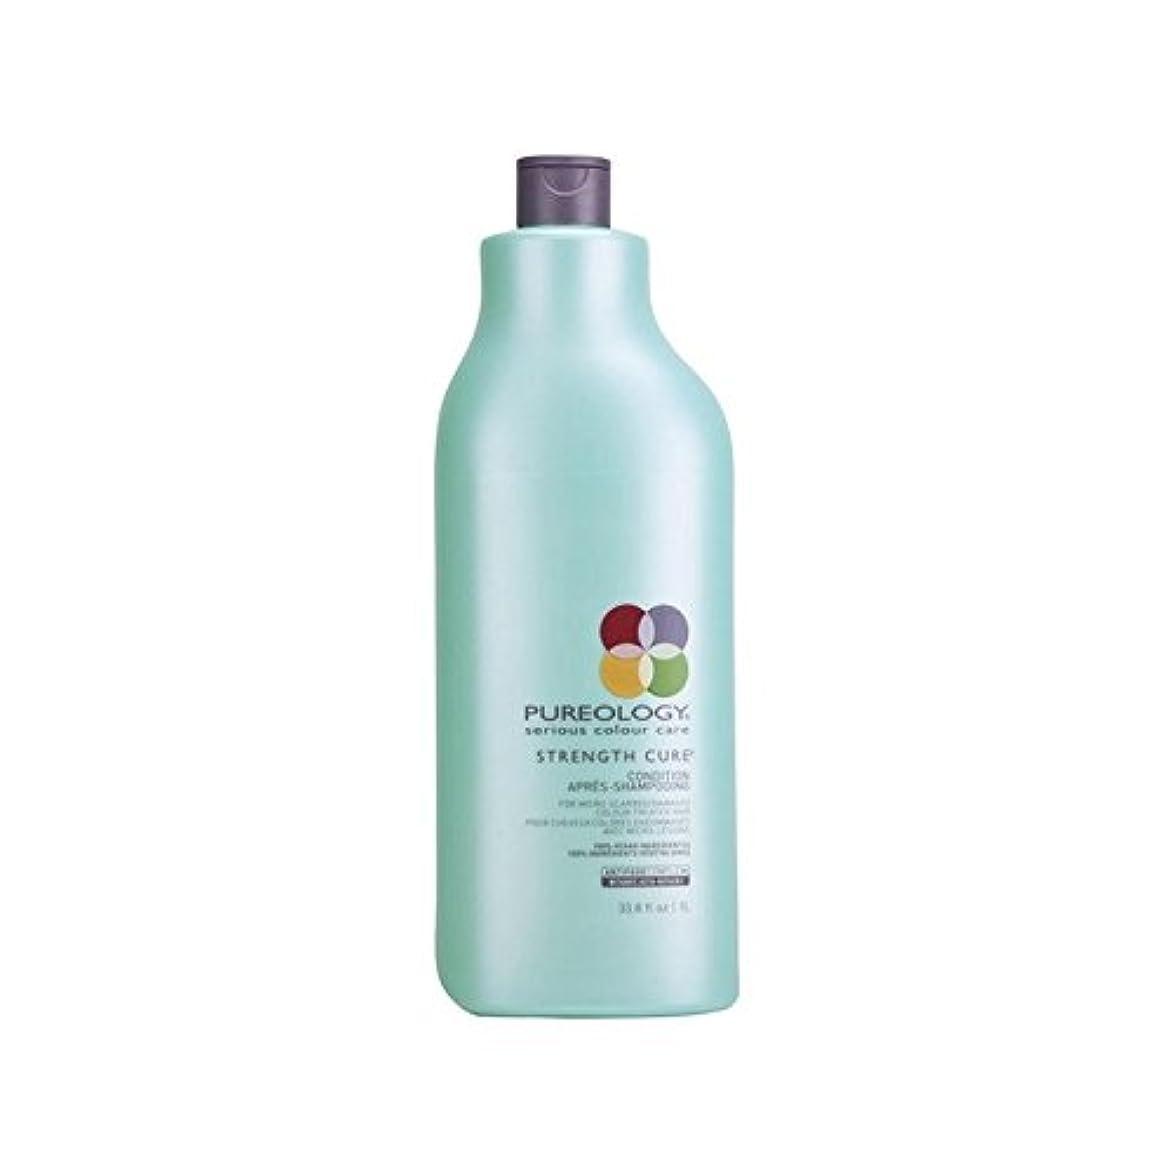 ソフィーソフィー頬骨強度硬化コンディショナー(千ミリリットル) x4 - Pureology Strength Cure Conditioner (1000ml) (Pack of 4) [並行輸入品]